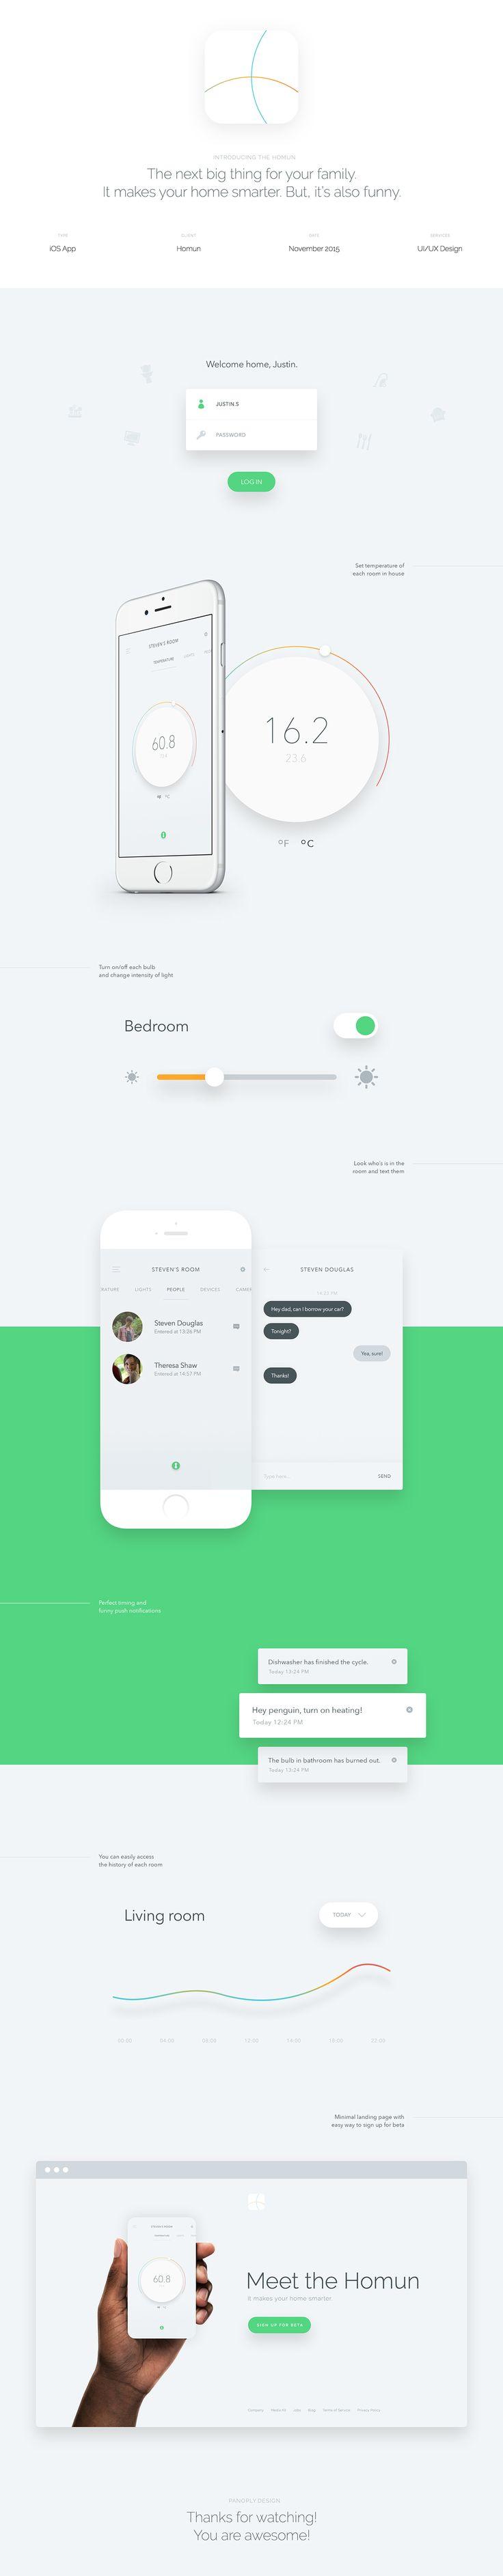 Homun - Makes your home smarter (Part 1) on App Design Served